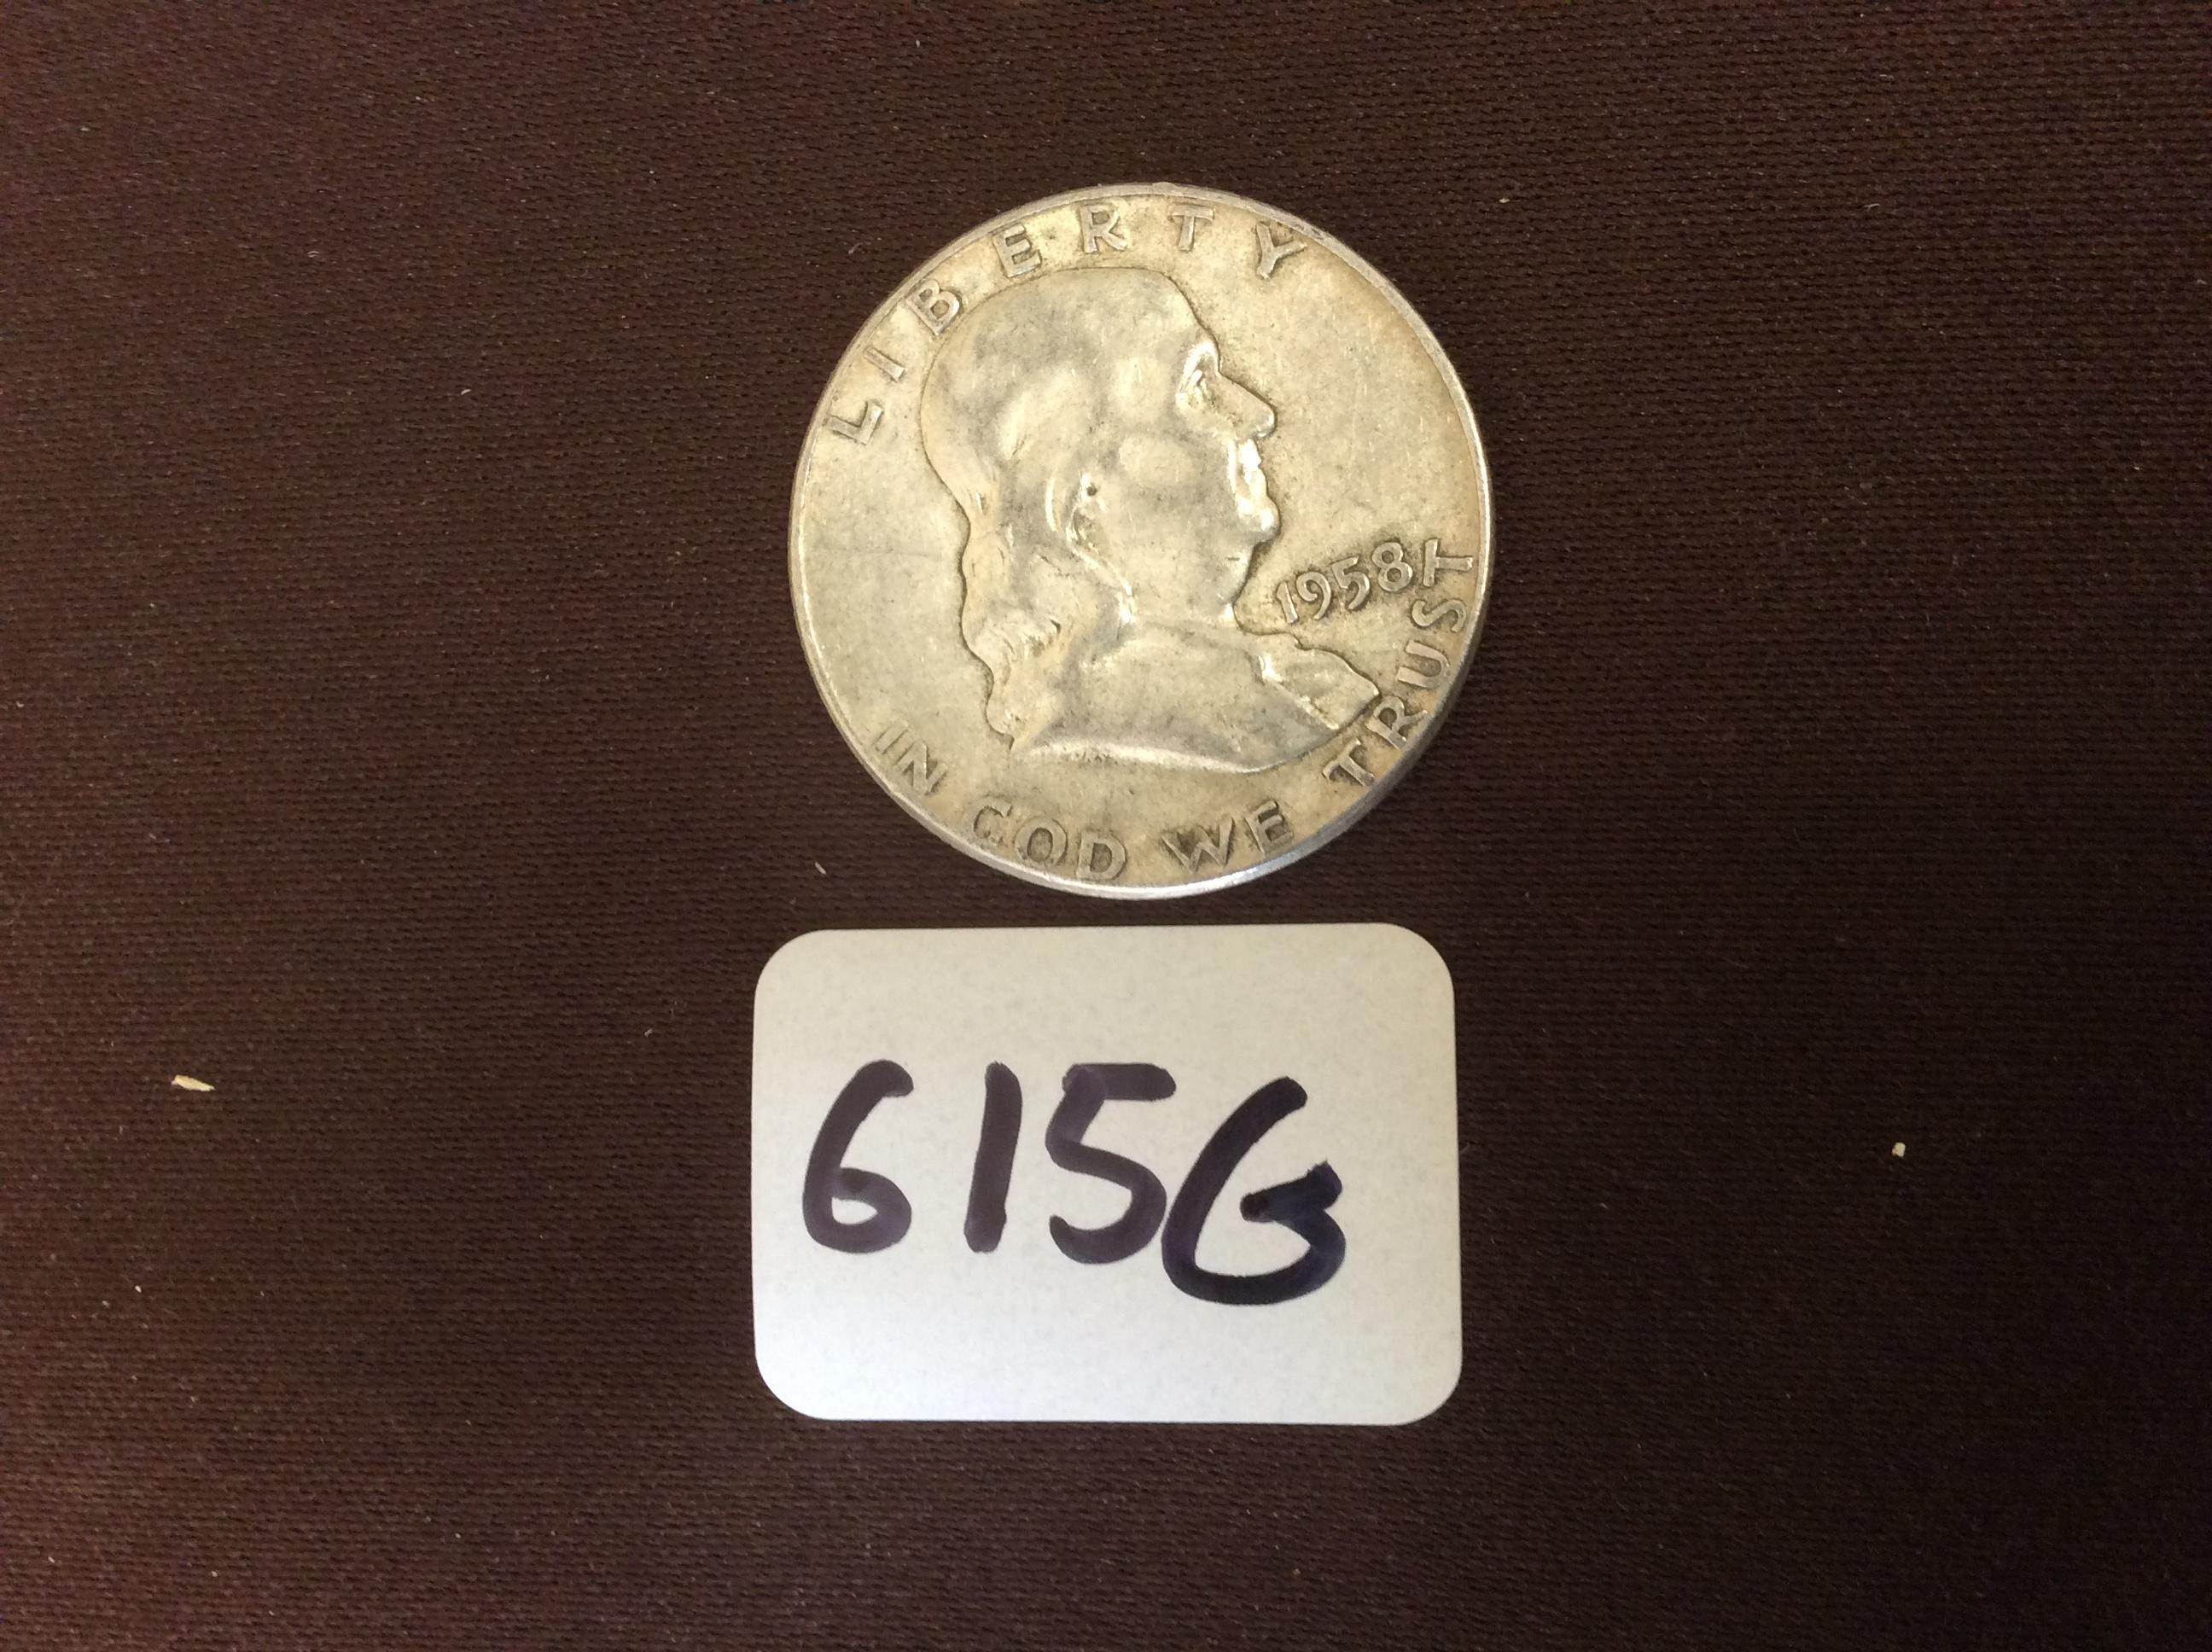 benjamin franklin coin